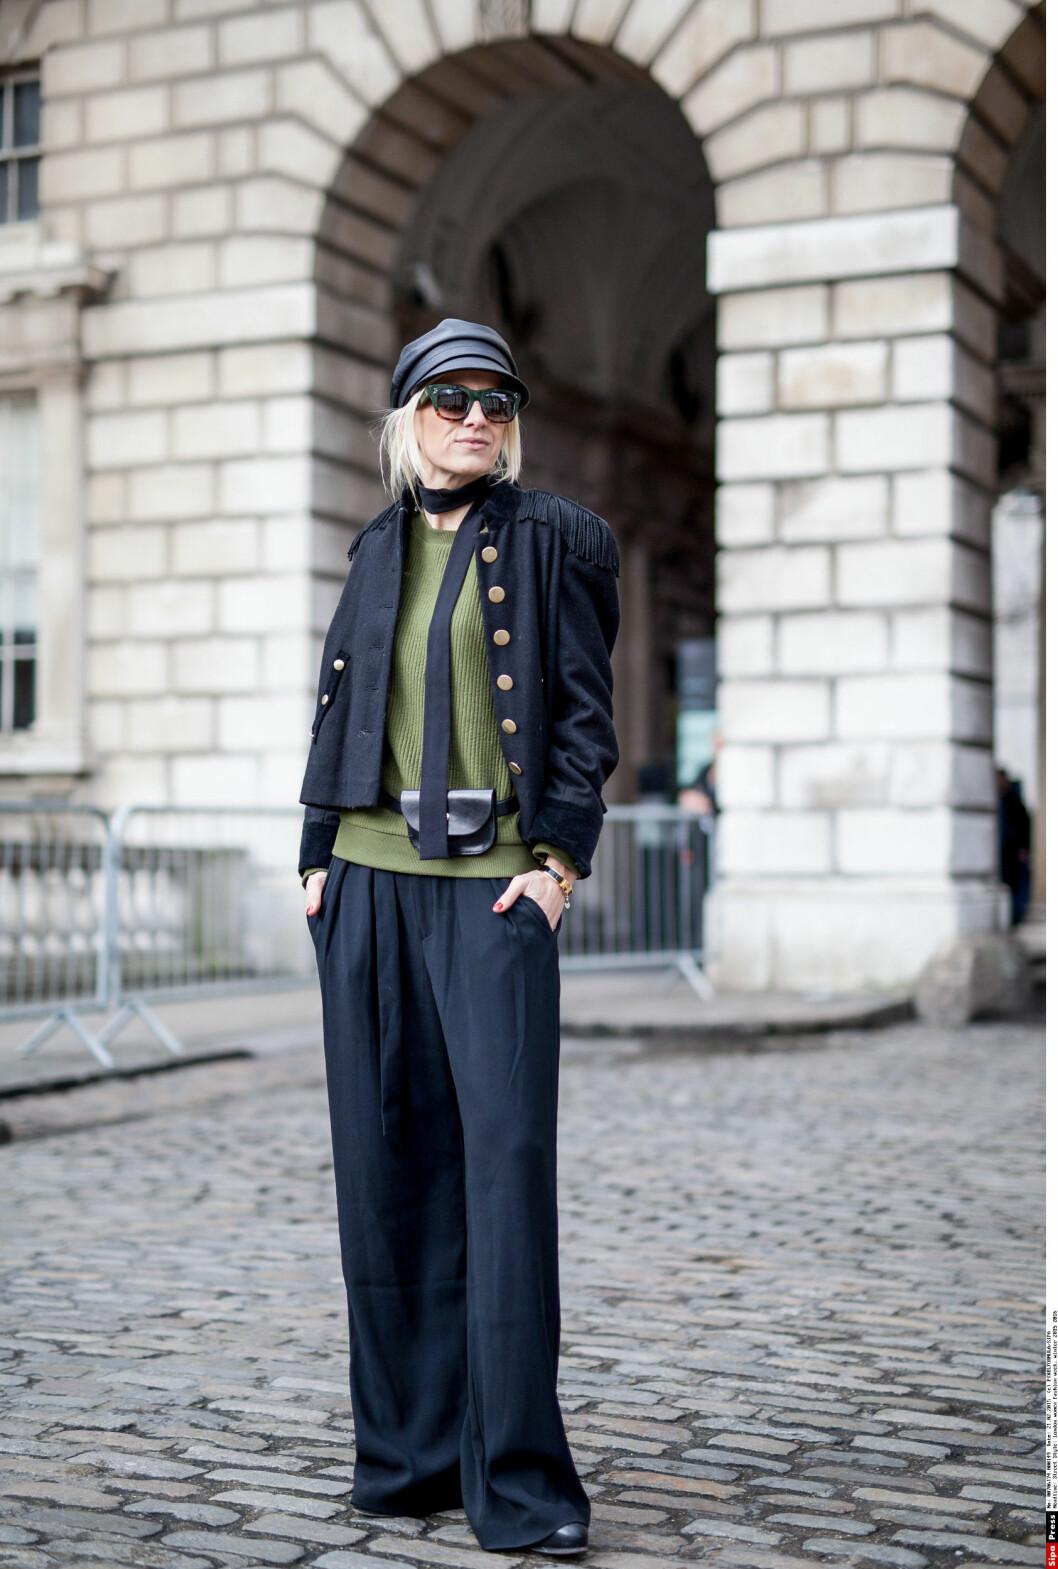 HAR KASTET SEG PÅ TRENDEN: Stylemags tidligere redaktør Celine I. Aagaard i oliven og sort, med et tynt skjerf rundt halsen under moteuken i London nylig. Foto: PIXELFORMULA/SIPA/All Over Press